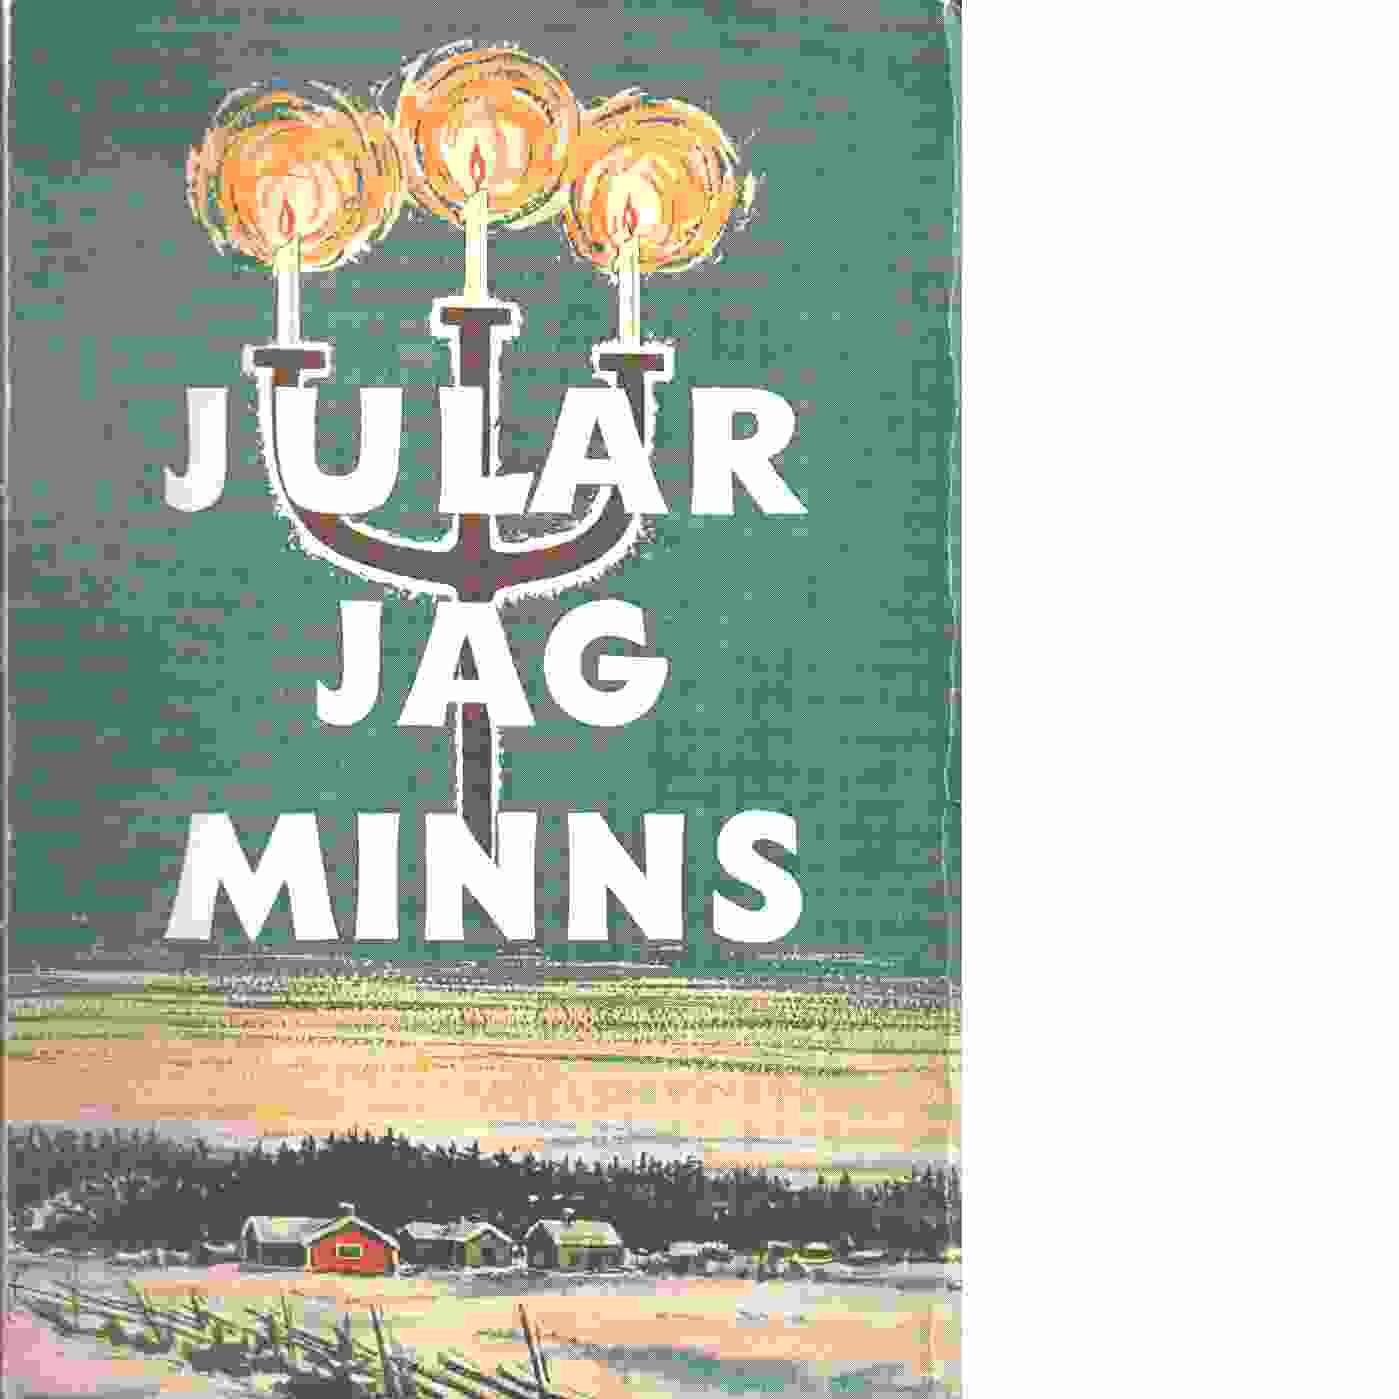 Jular jag minns : julminnen berättade av tjugotvå författare - Red. Göransson-Ljungman, Kjerstin